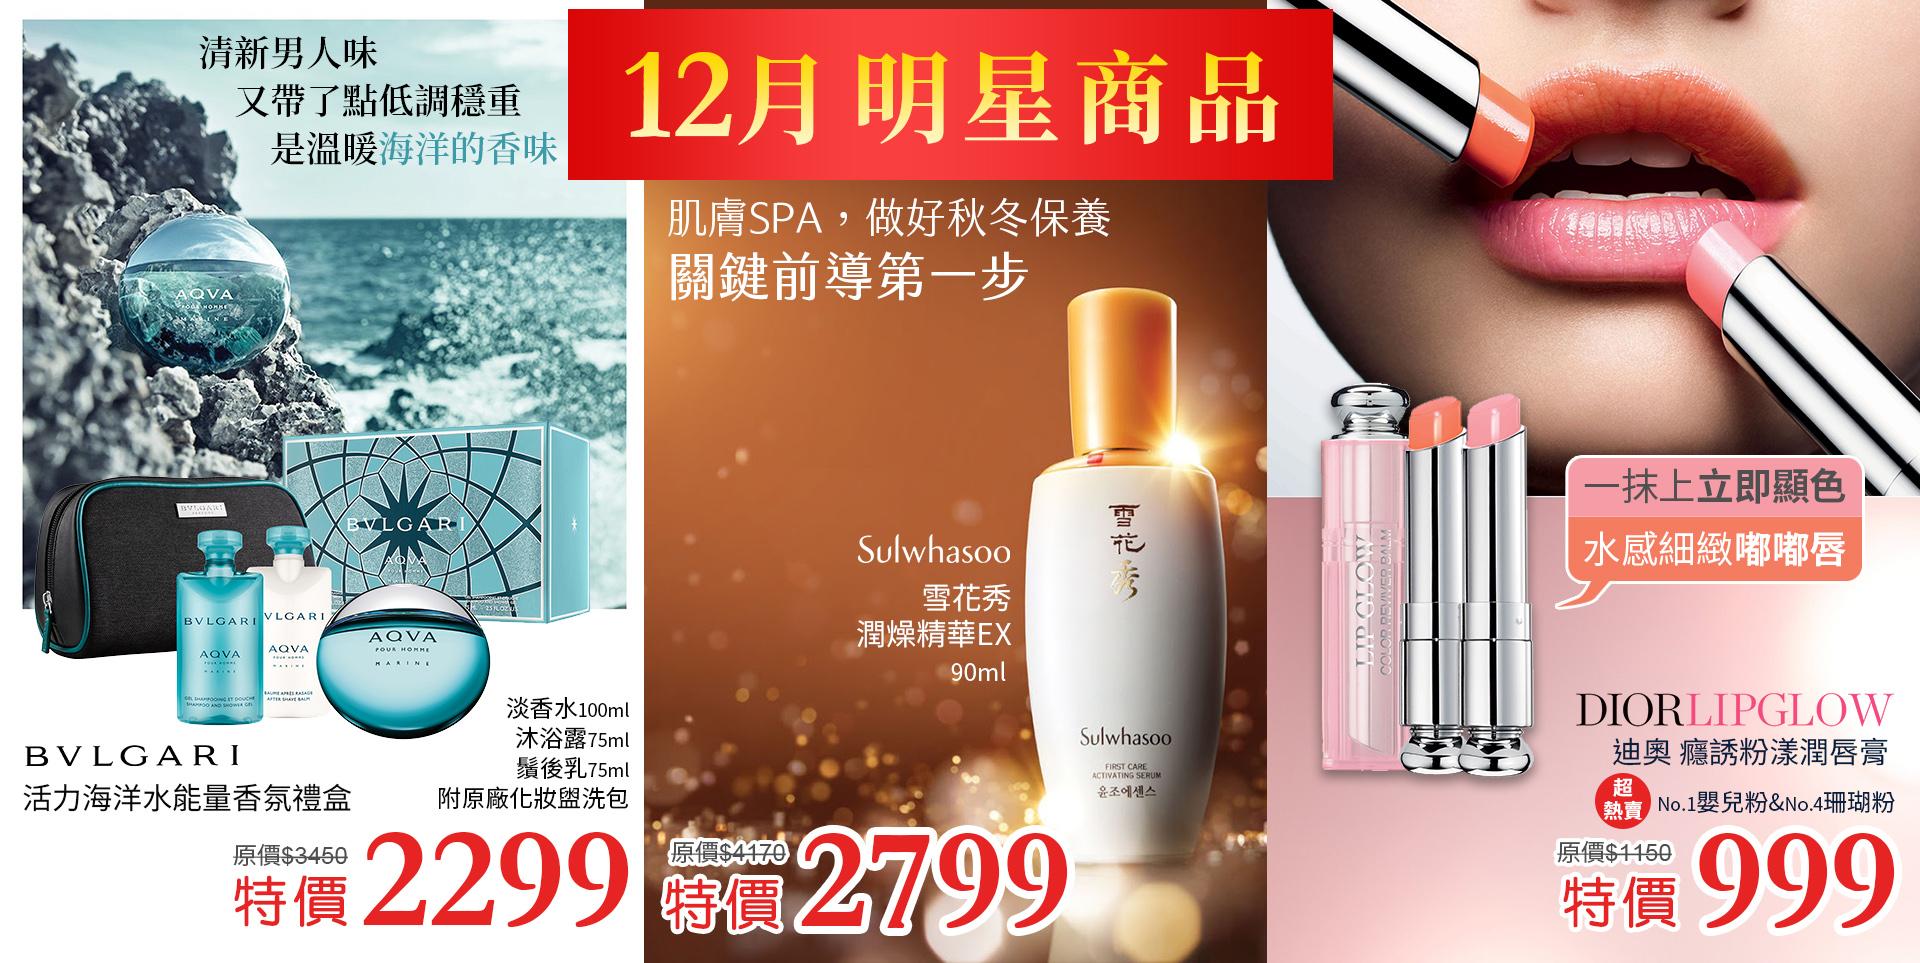 12月明星商品 寶格麗海洋男香禮盒 雪花秀潤燥精華 Dior癮誘潤唇膏